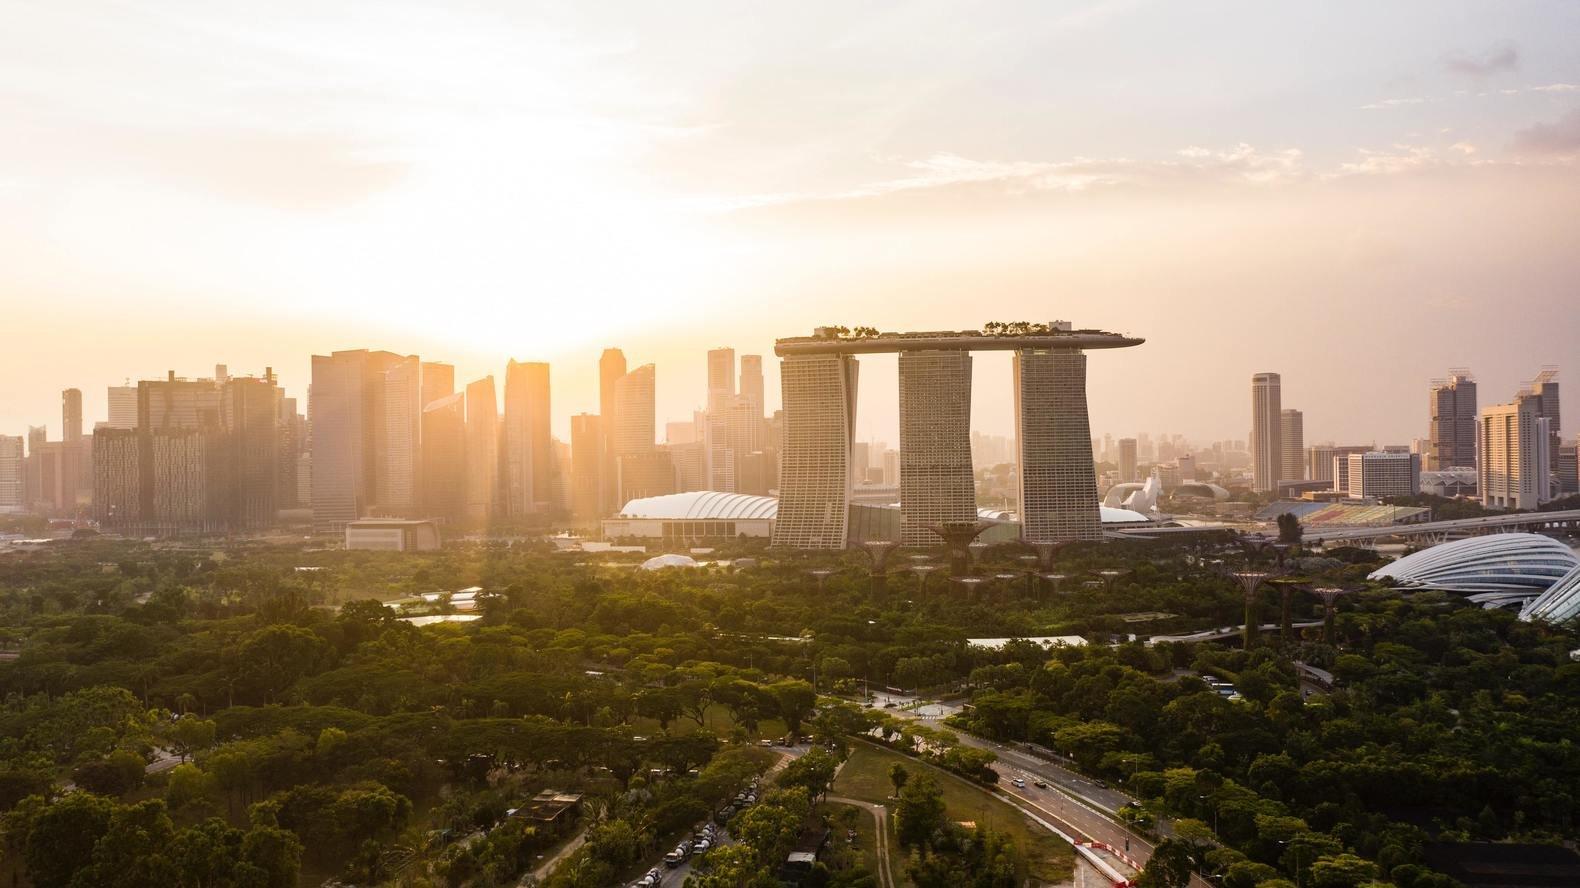 新加坡最大的银行星展银行正式启动加密货币交易所